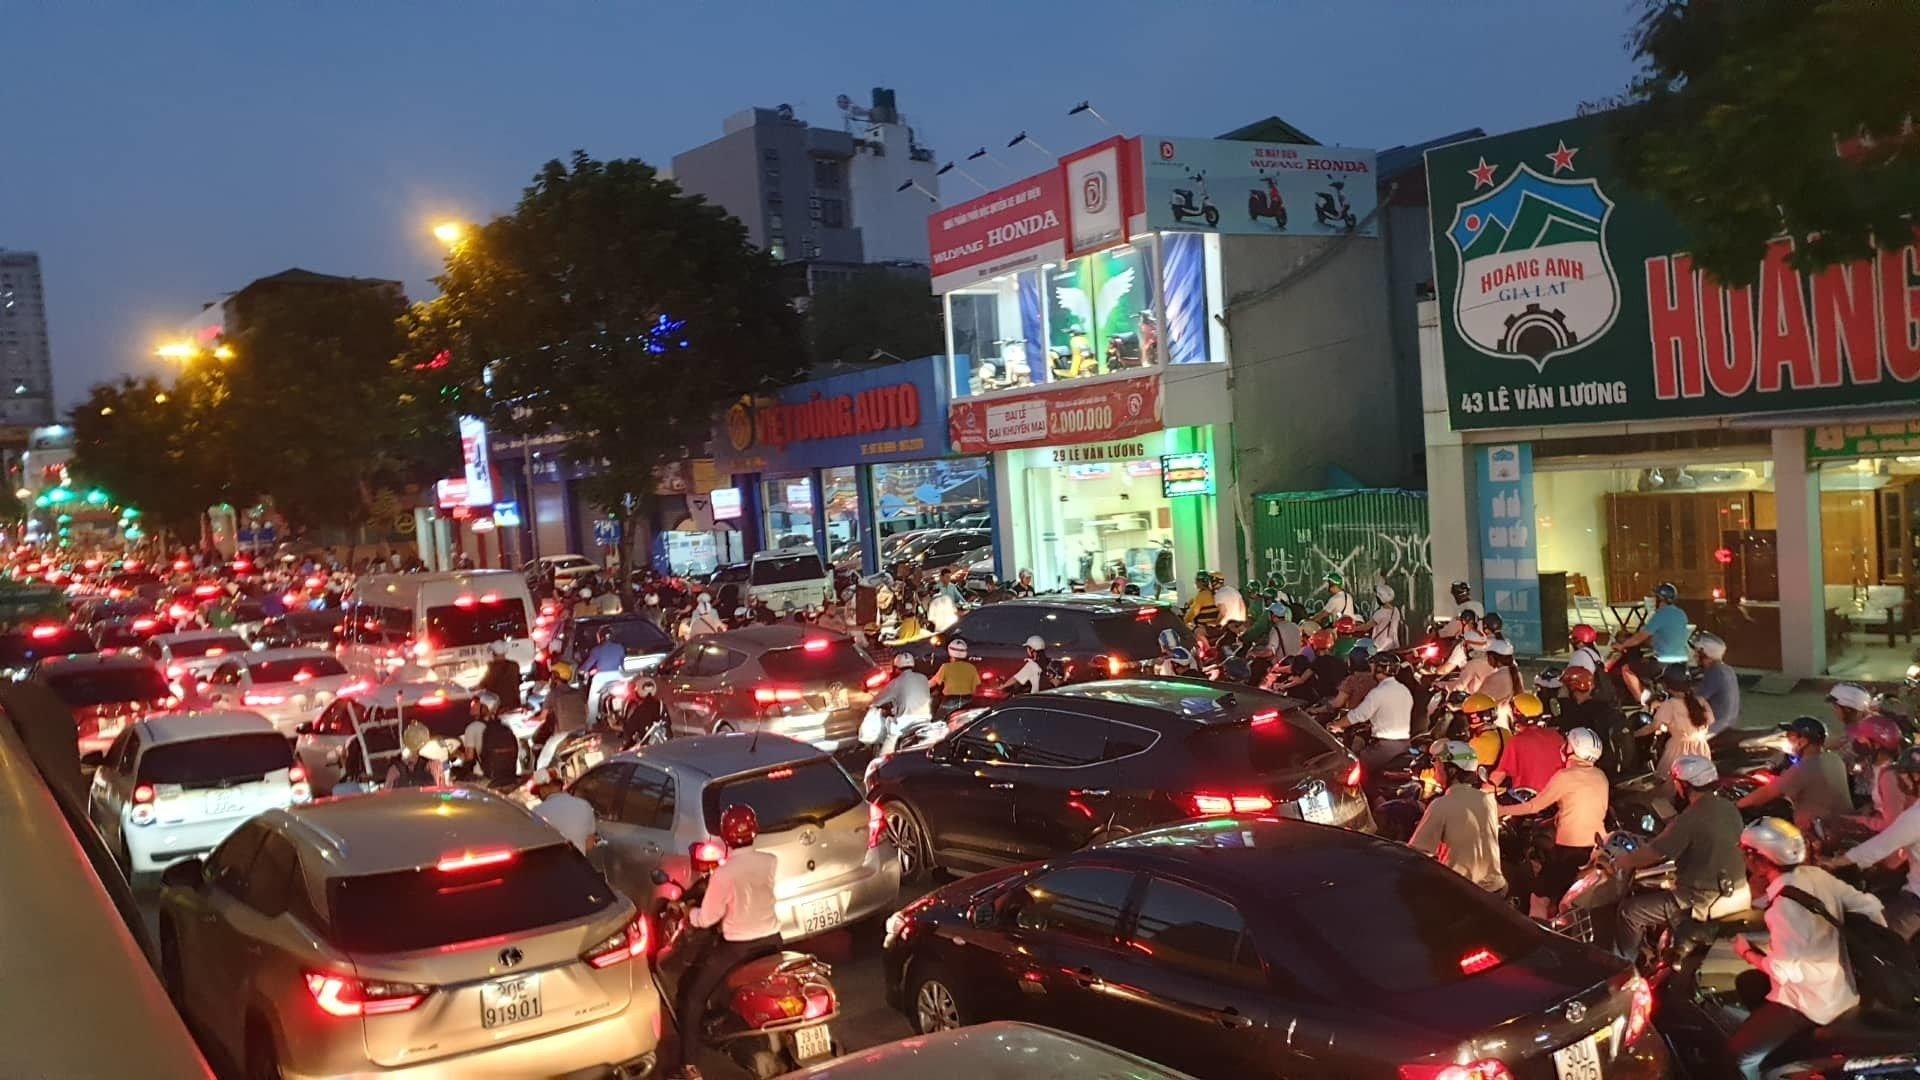 Va chạm với ô tô trên cầu vượt Lê Văn Lương, nam thanh niên tử vong 2